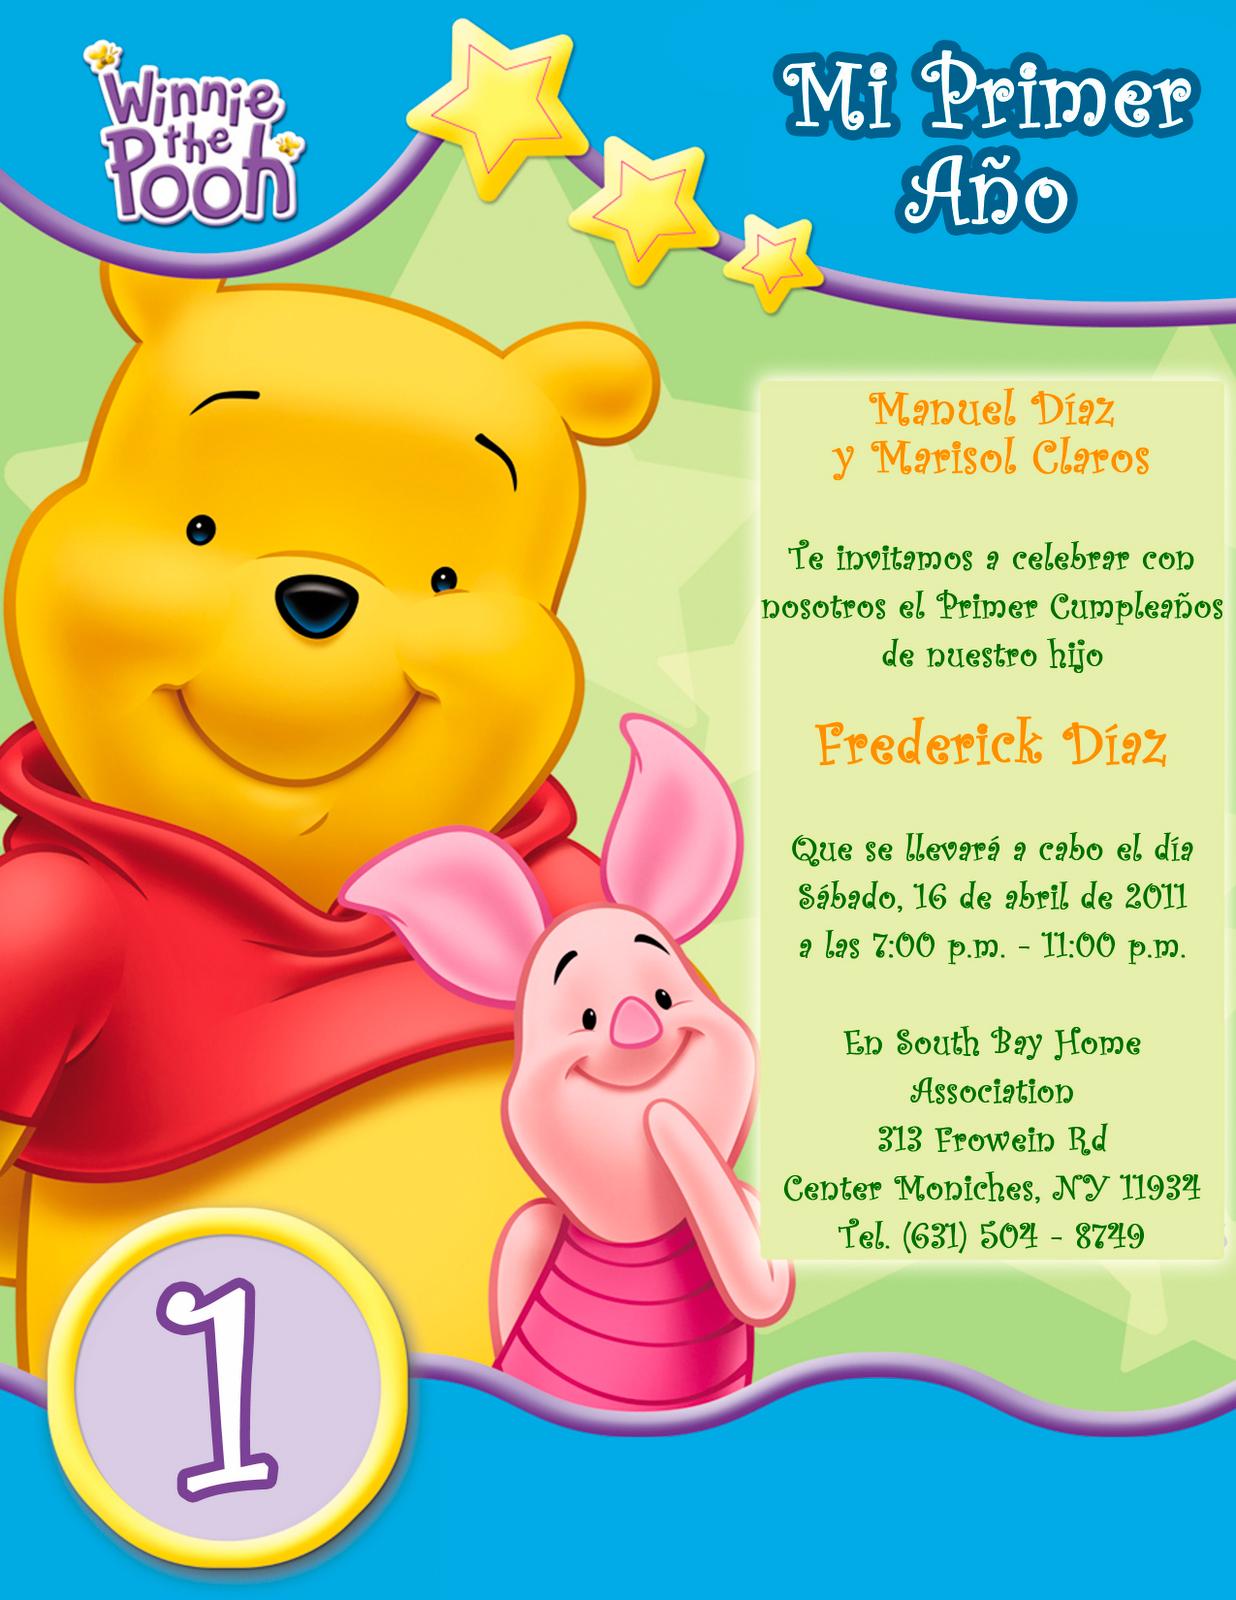 Tarjeta de Invitación Infantil de Cumpleaños Winnie the Pooh | Artes ...